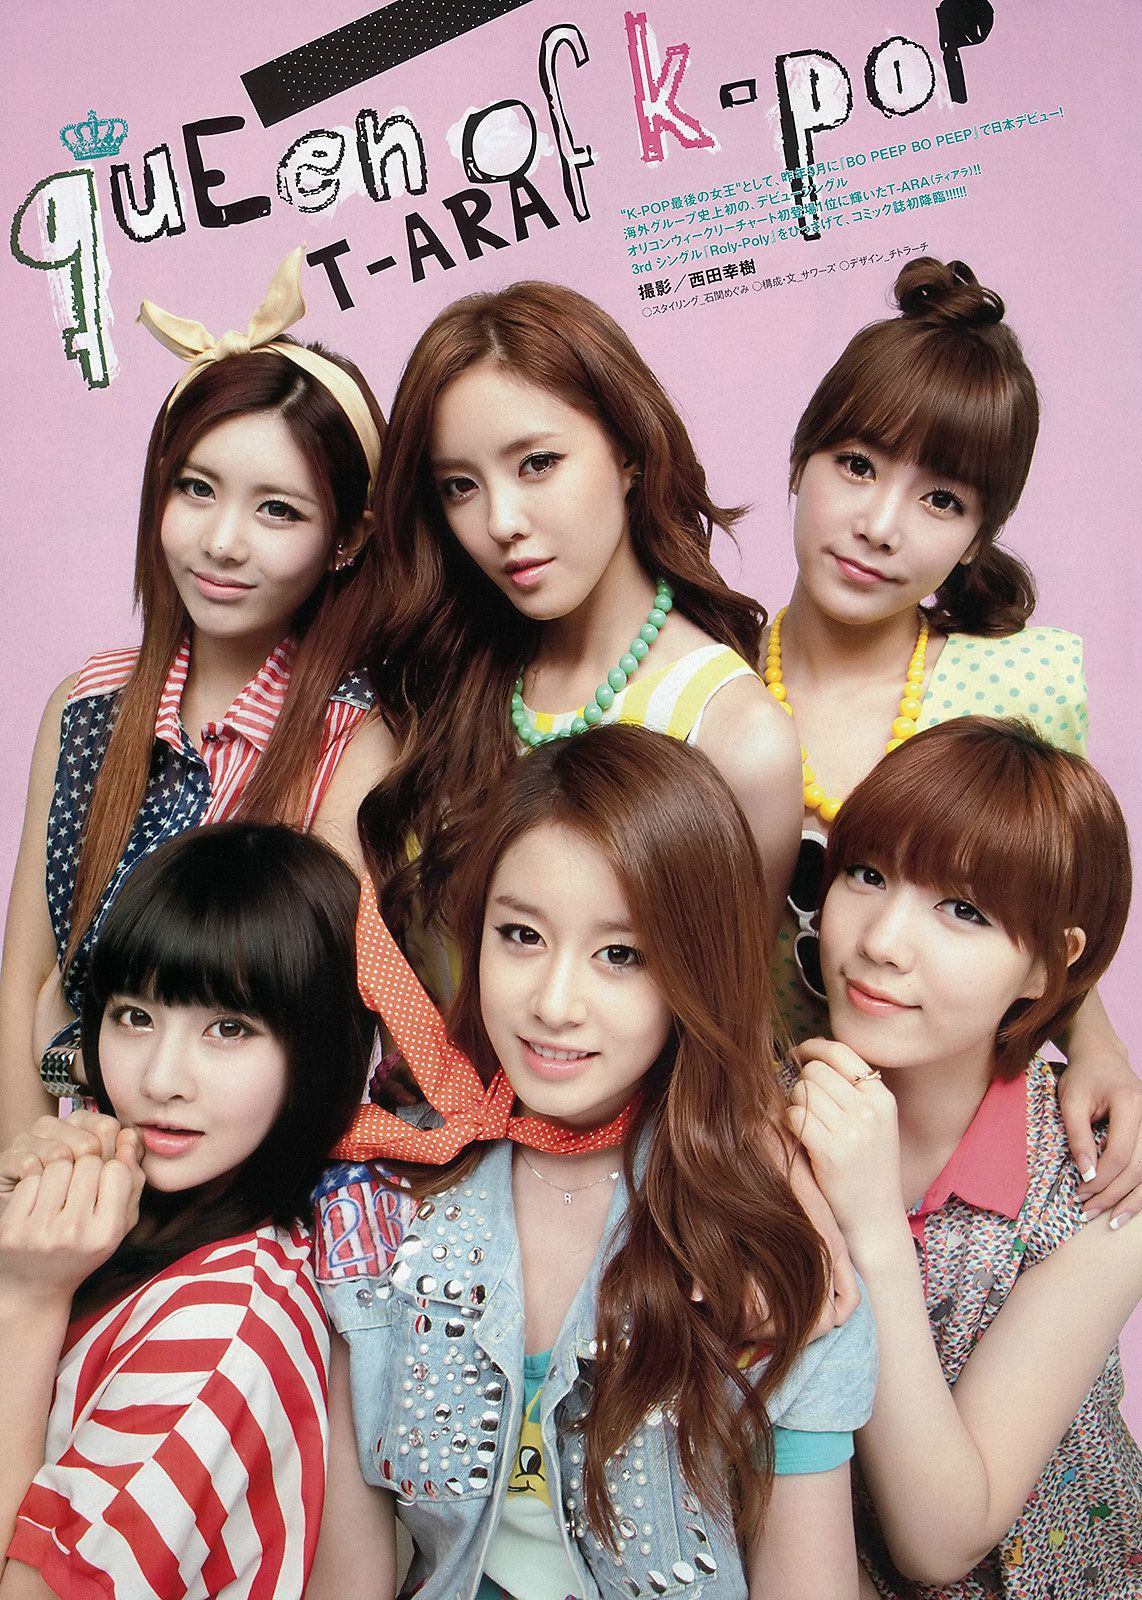 Eunjung jiyeon dating services